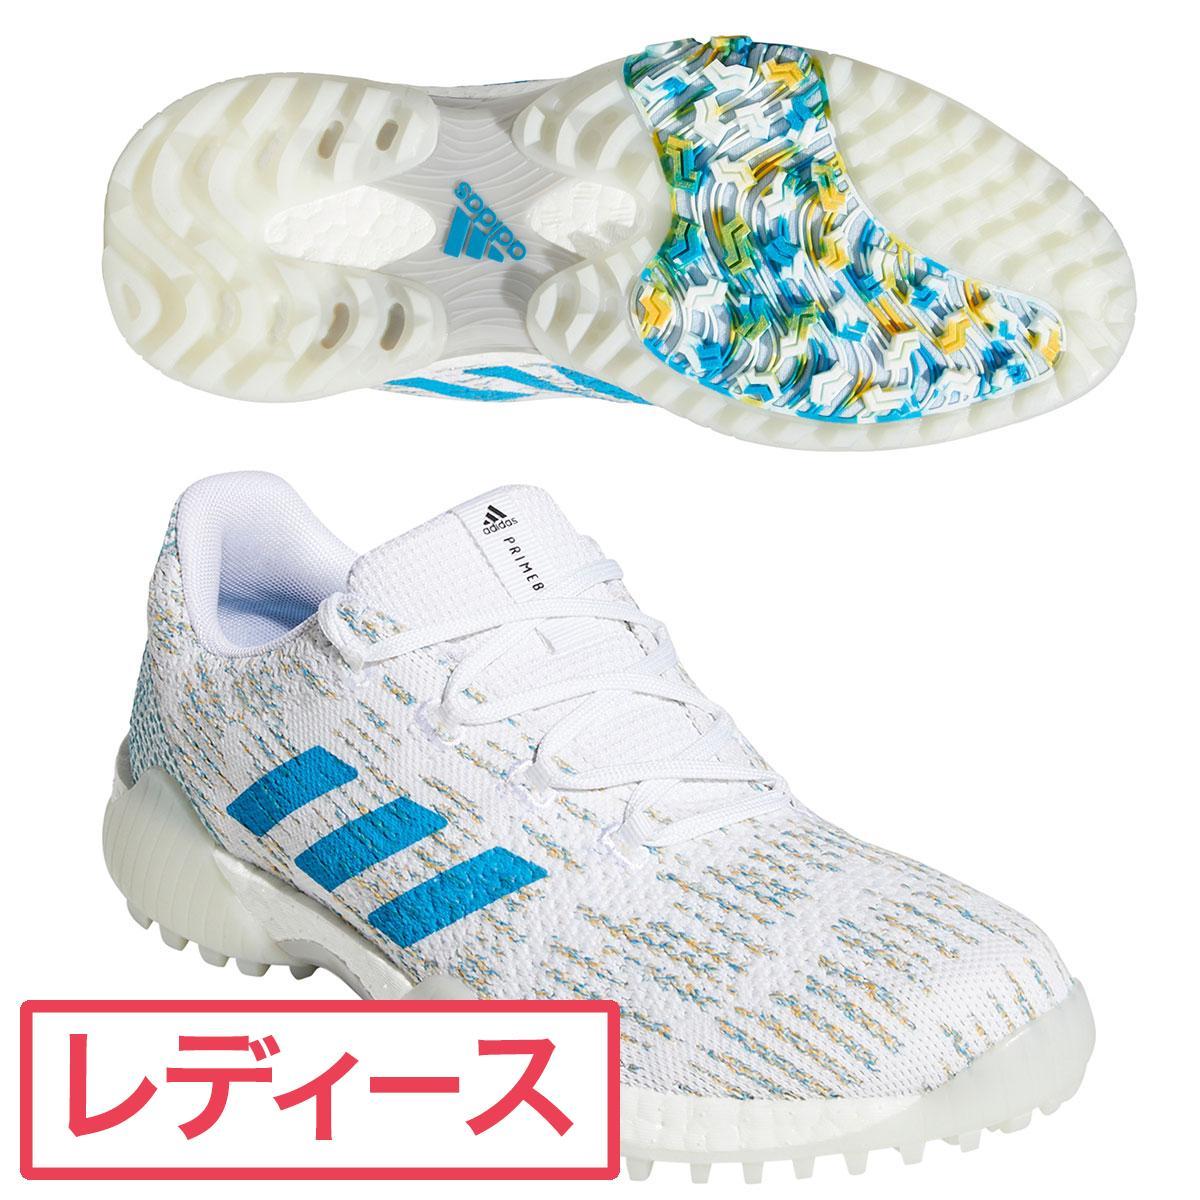 アディダス Adidas コードカオス プライムブルー シューズ レディス